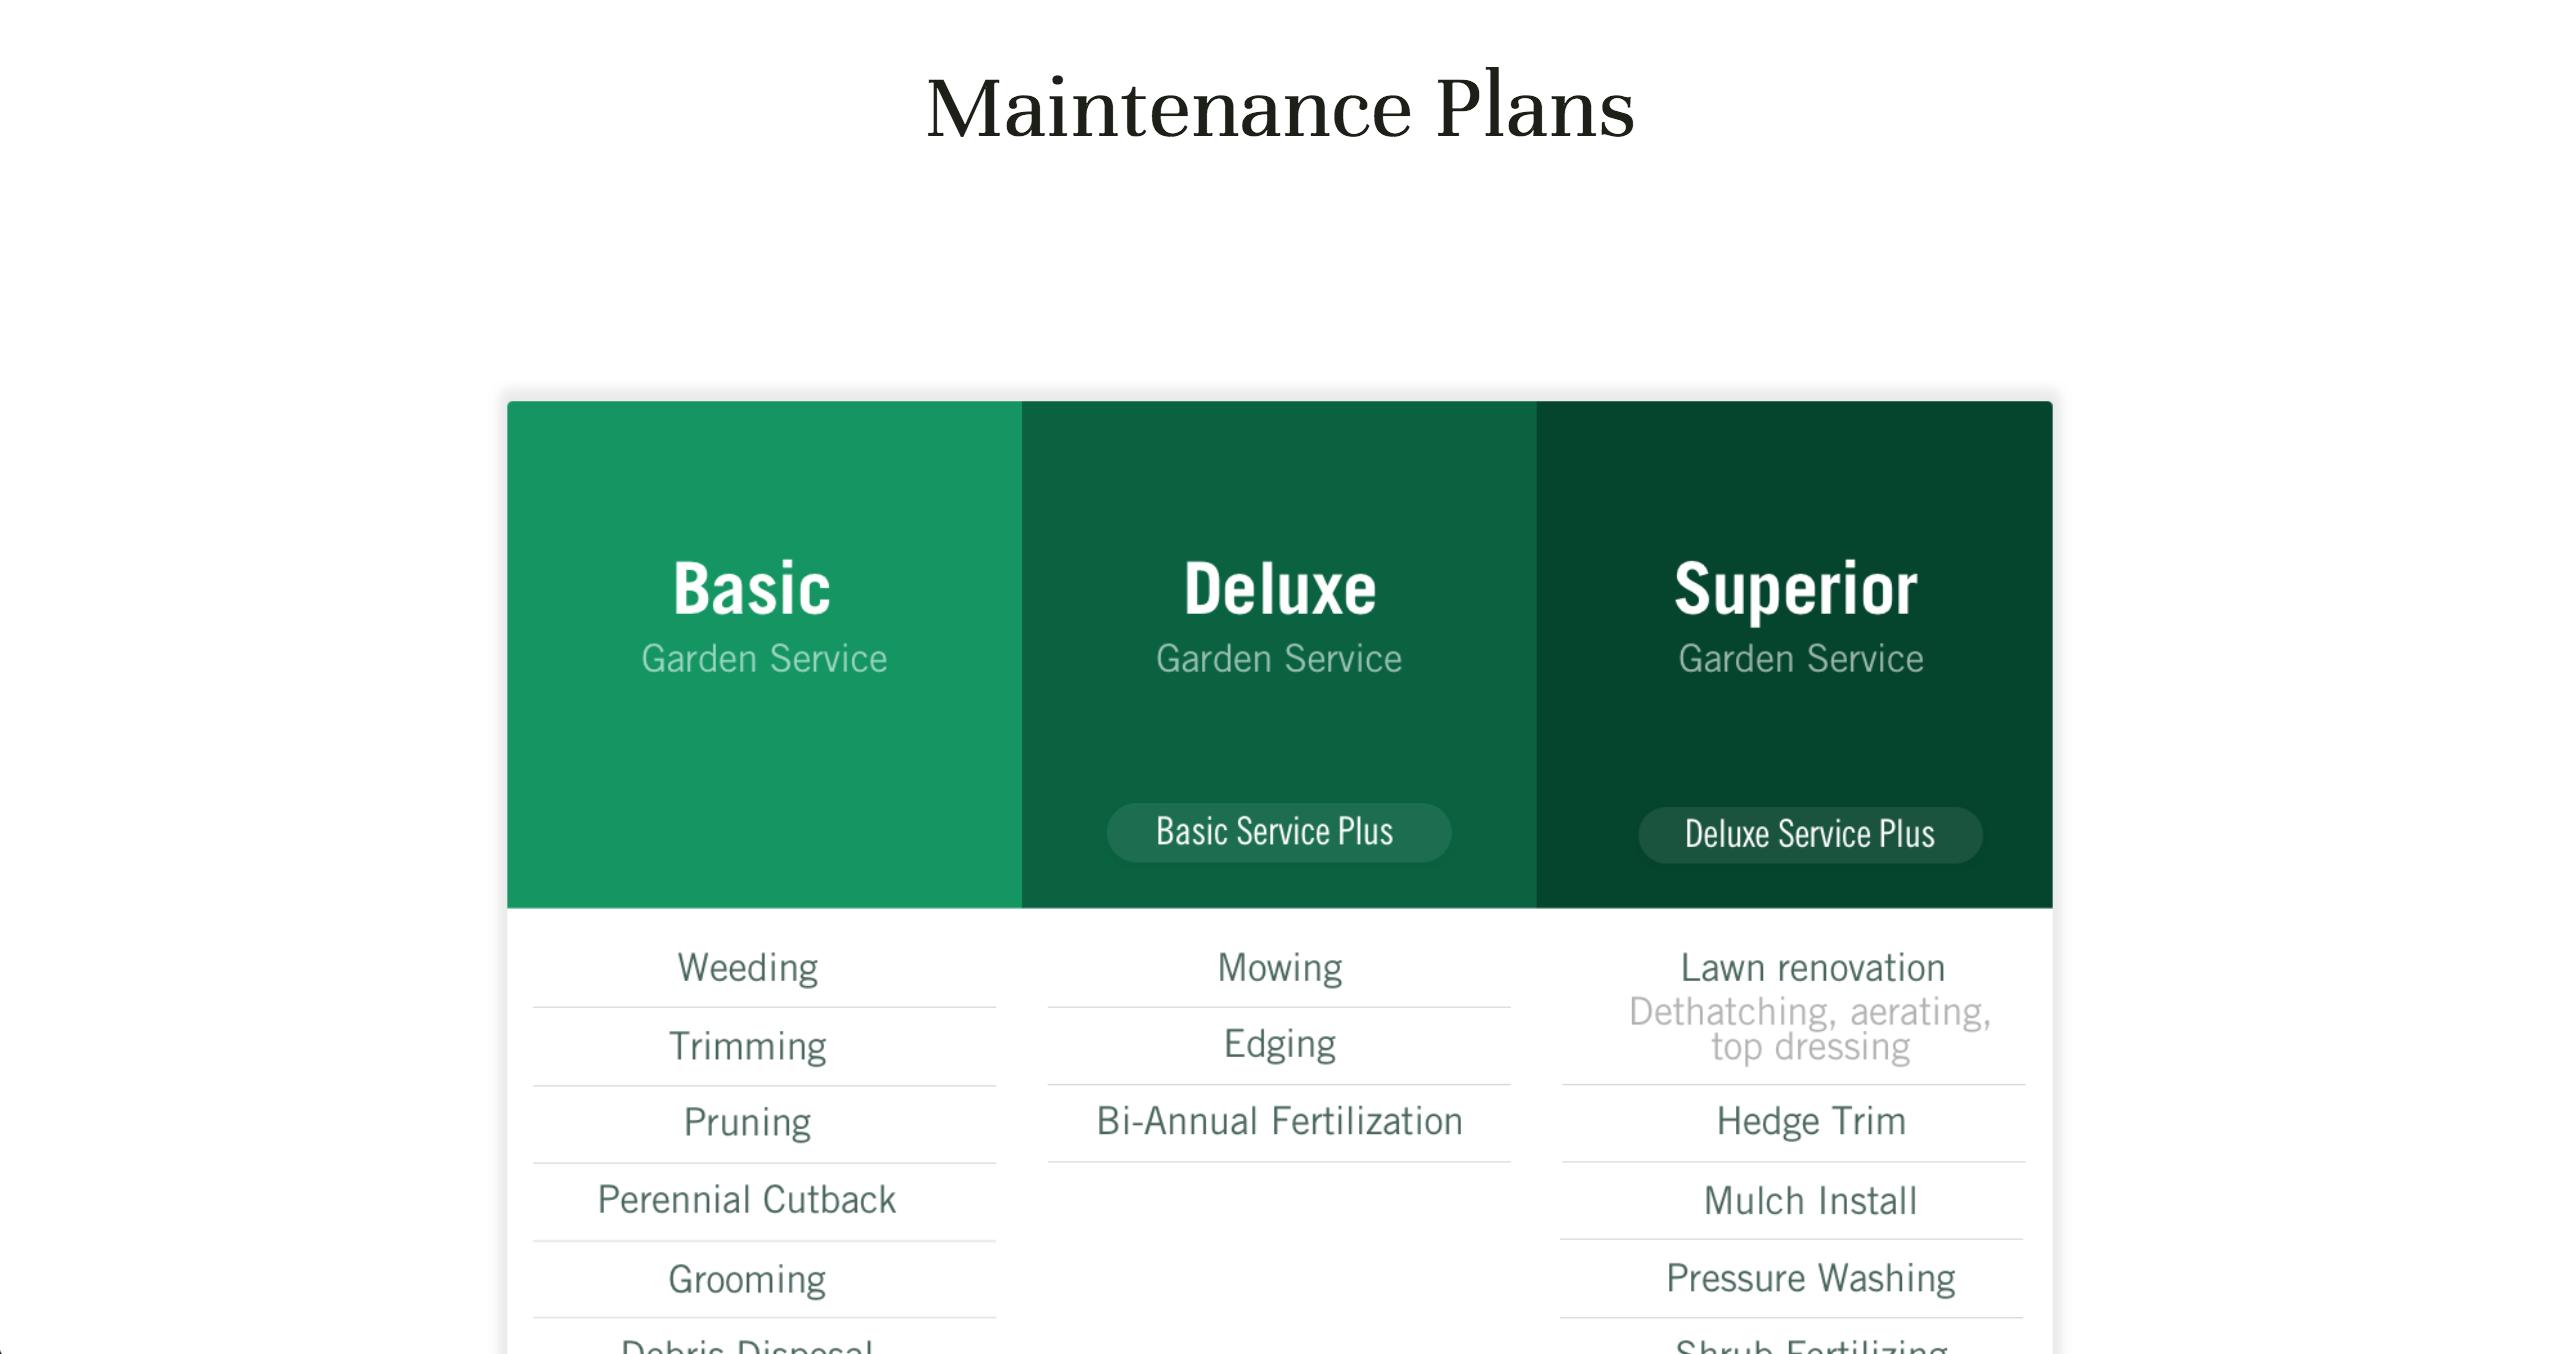 Superior Gardening Service Plans